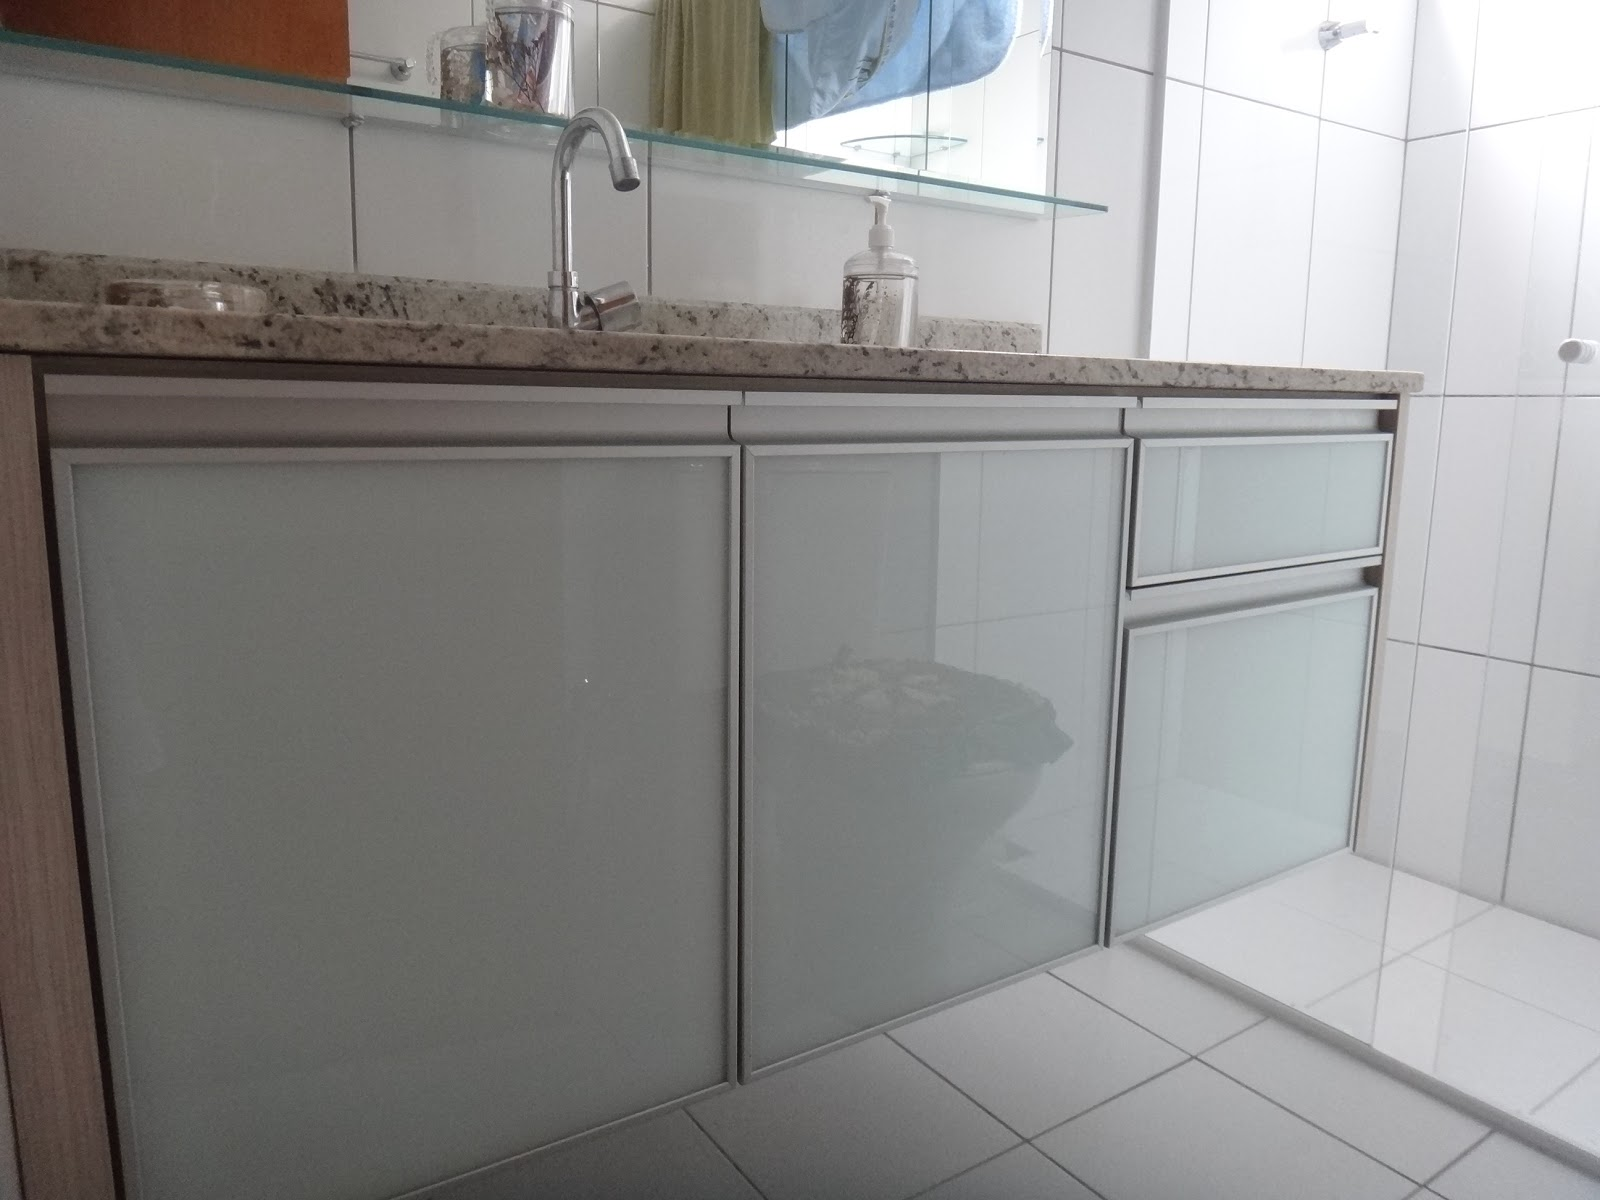 Personalizada: Banheiros com portas de vidro e alumínio Jd. Camburi #5D4941 1600 1200